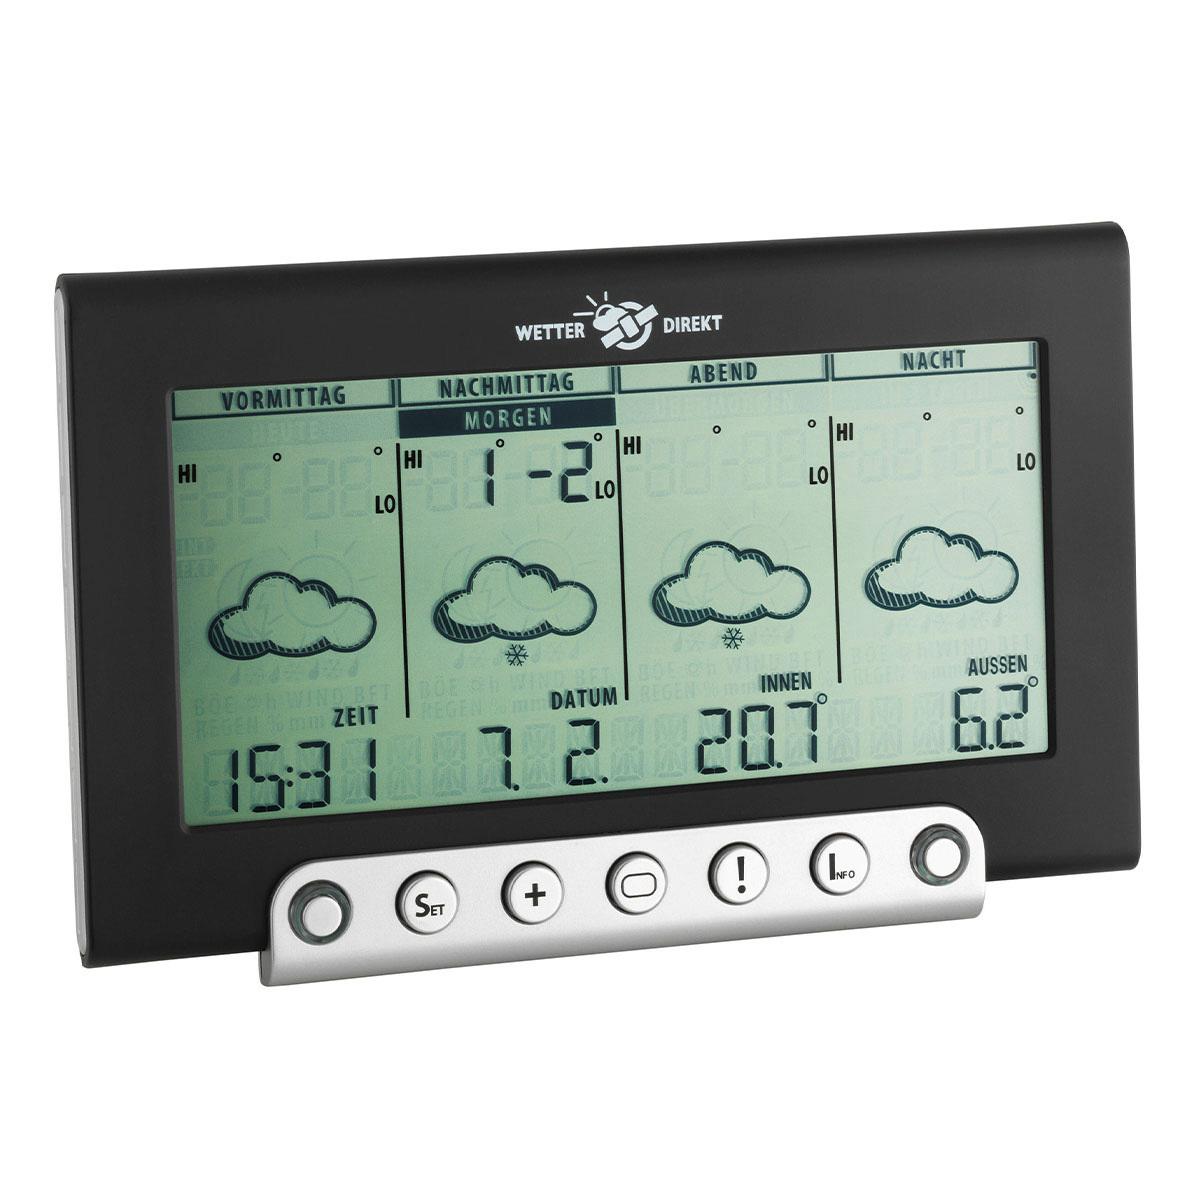 35-5050-it-satellitengestützte-funk-wetterstation-mit-wetterwarnung-tempesta-300-ansicht-1200x1200px.jpg